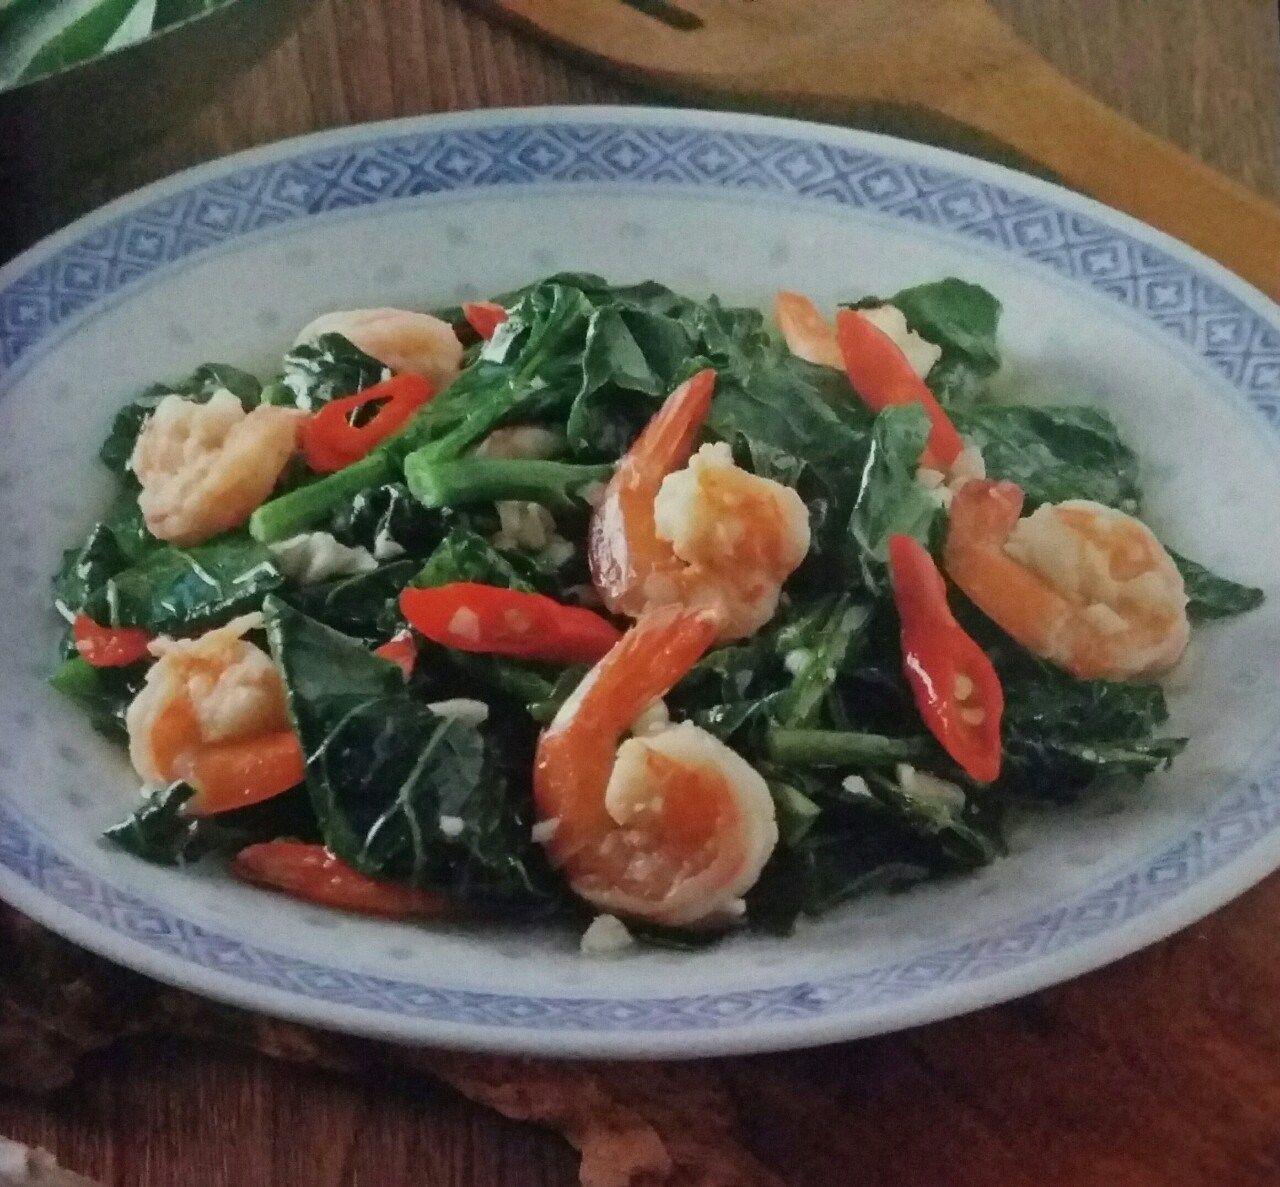 Resep Kailan Tumis Udang Chinese Foods Aneka Olahan Sayur Resep Makanan Masakan Resep Makanan Bayi